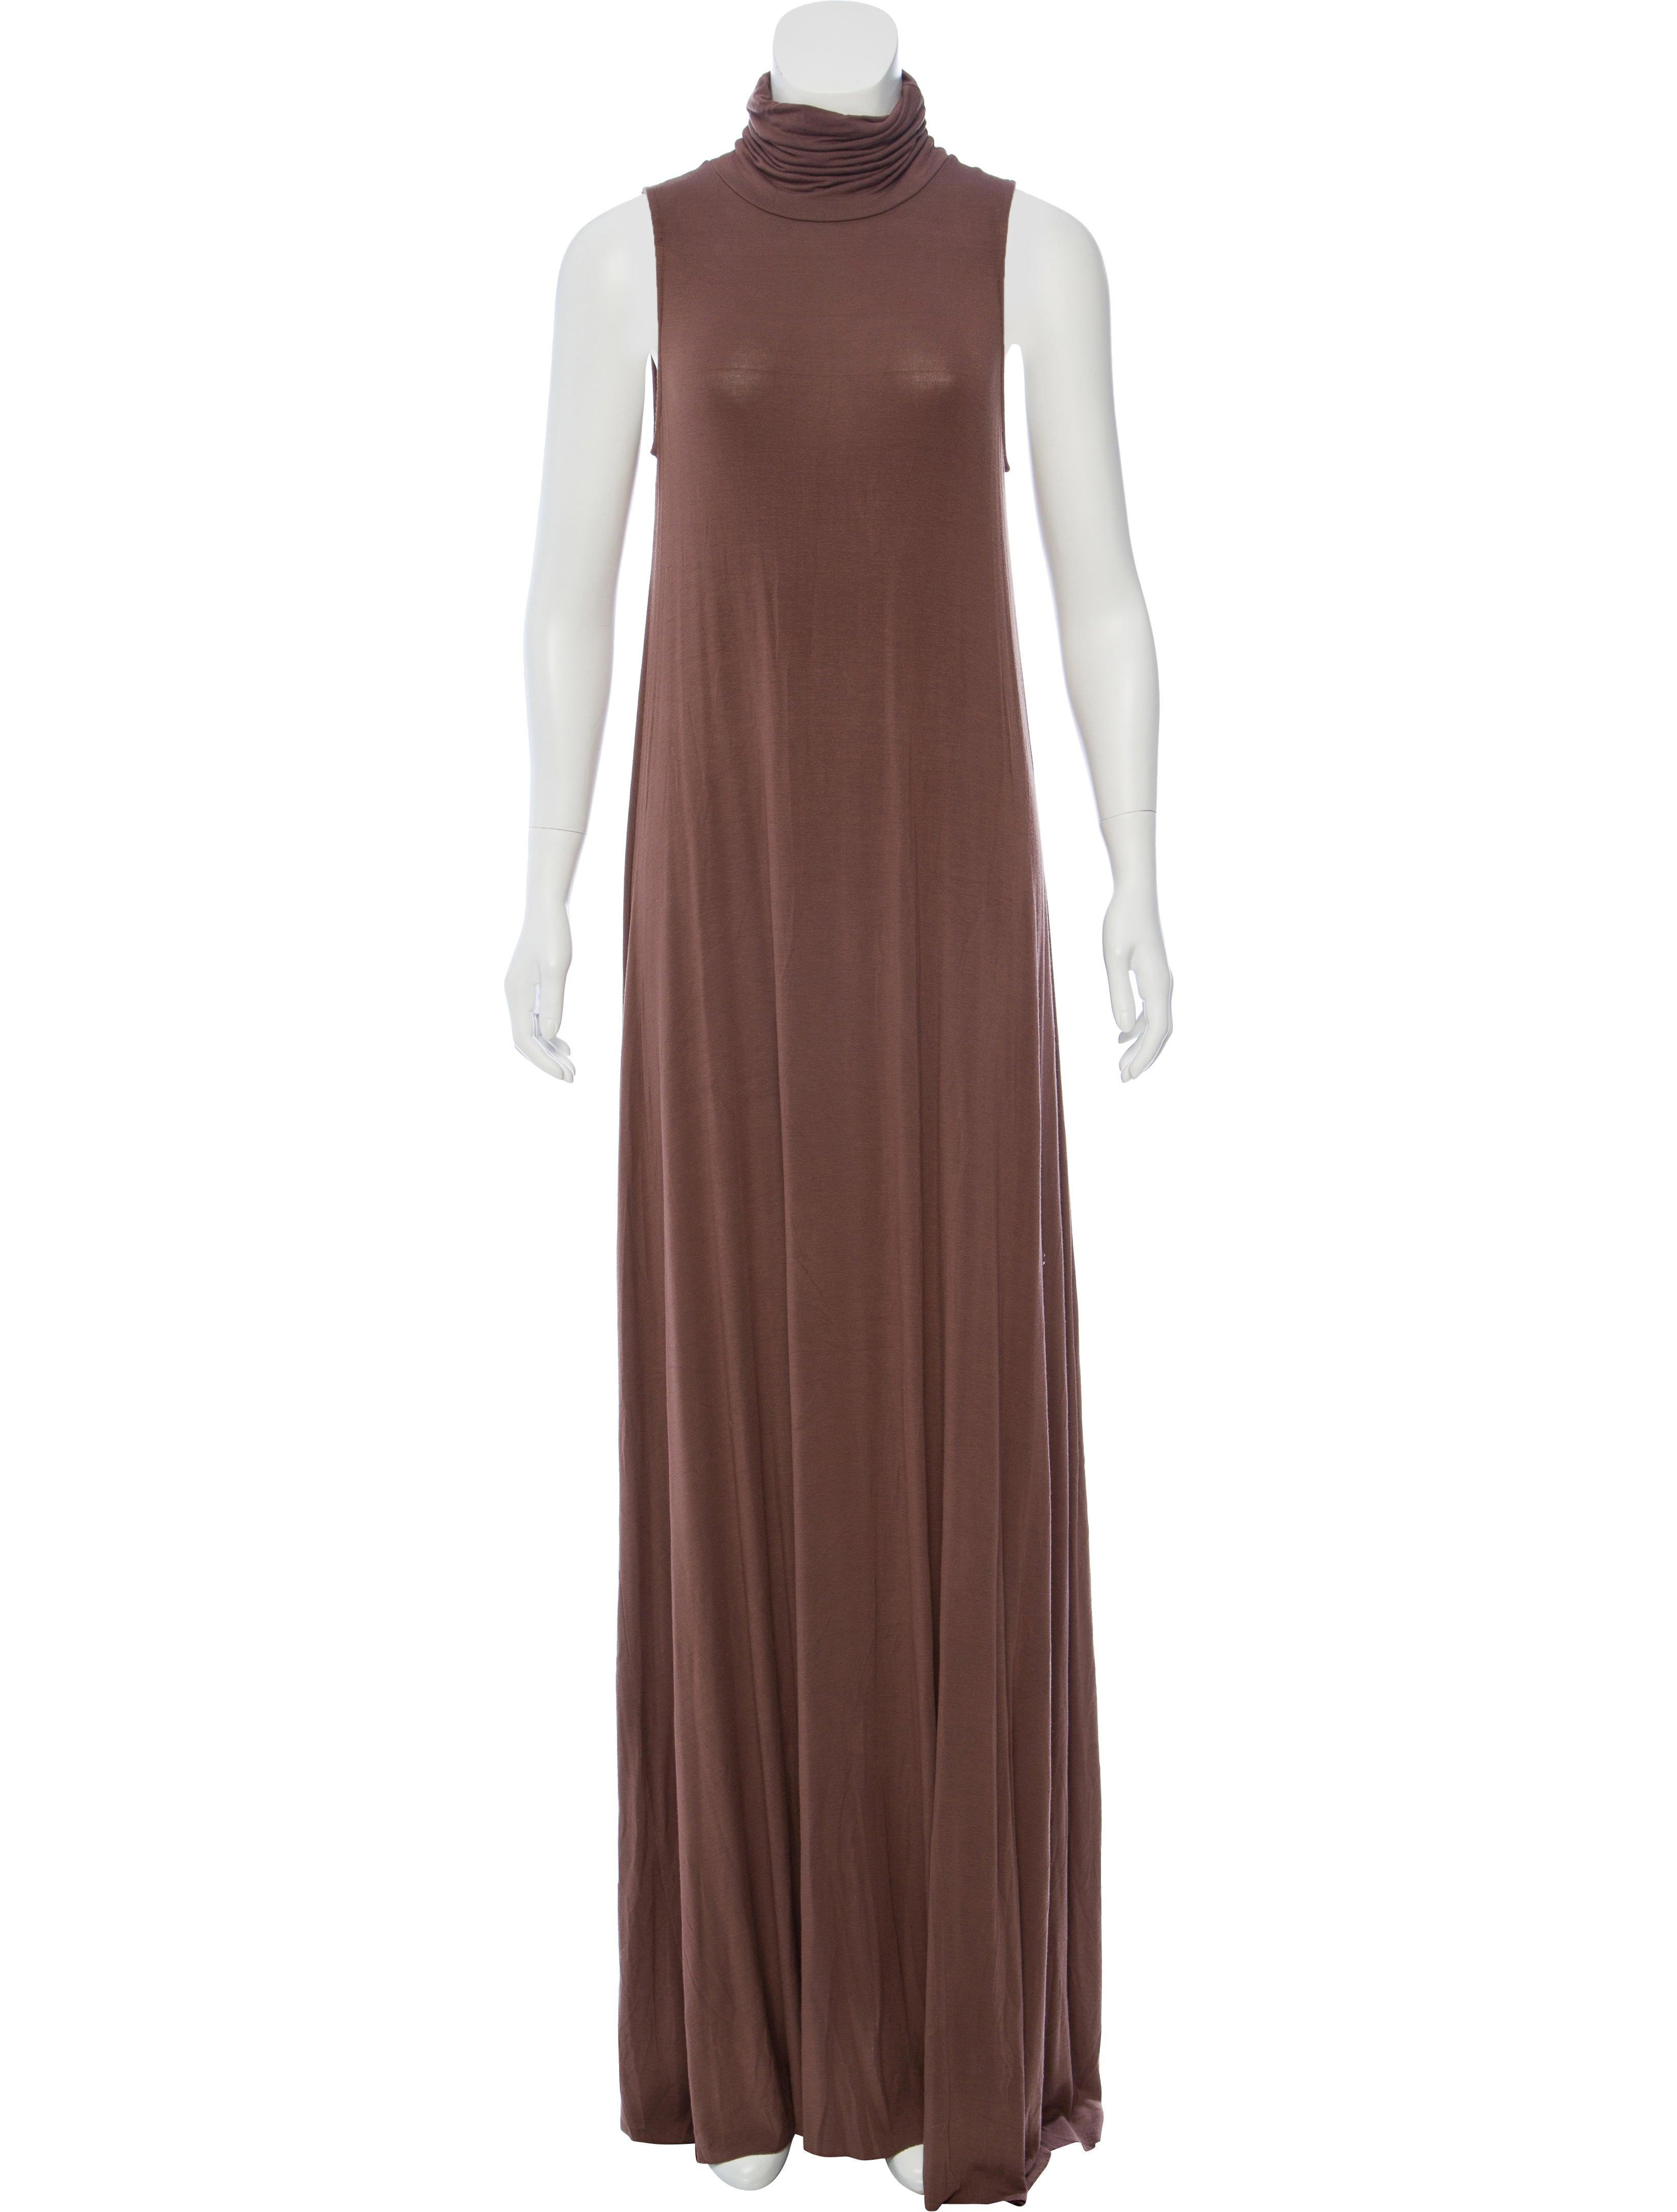 Rachel Pally Jersey Knit Maxi Dress - Clothing - WRW20038 | The RealReal